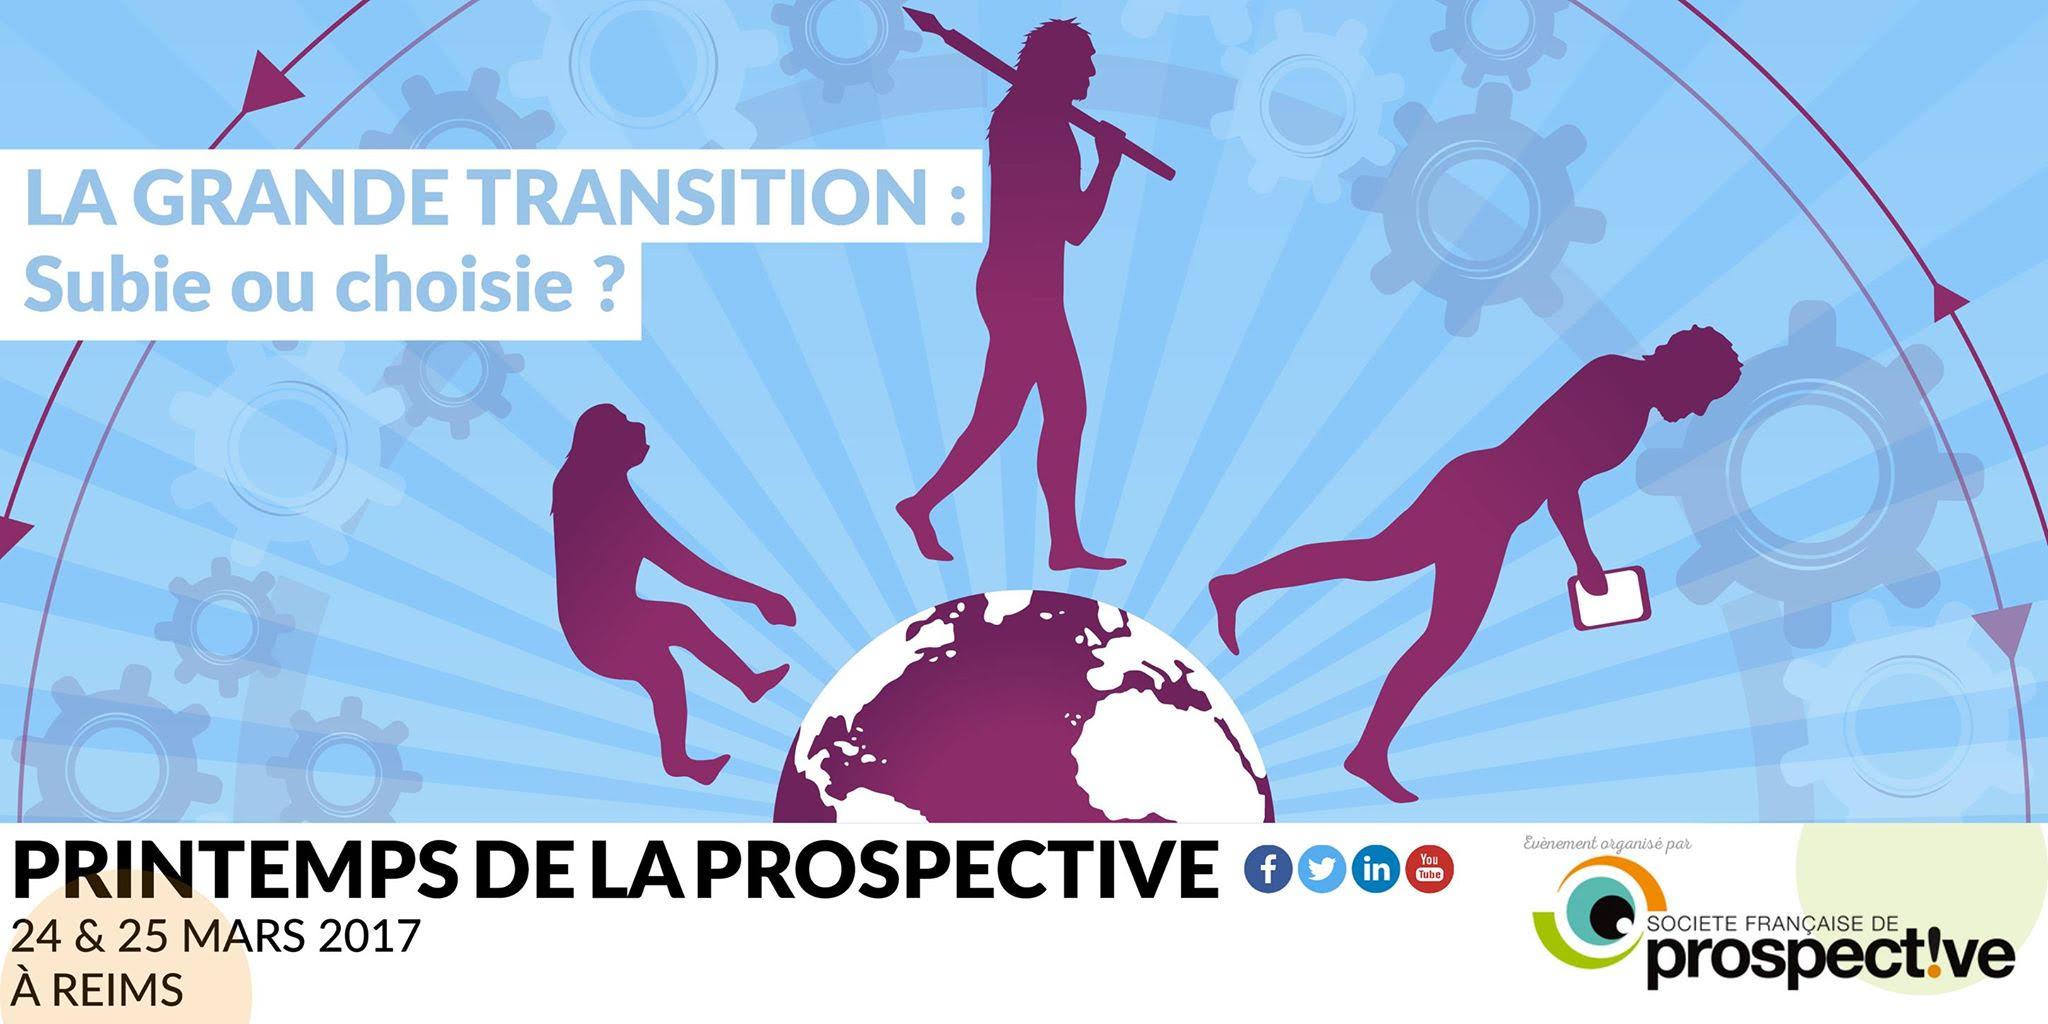 Participez au Printemps de la Prospective les 24 et 25 Mars 2017 - Reims